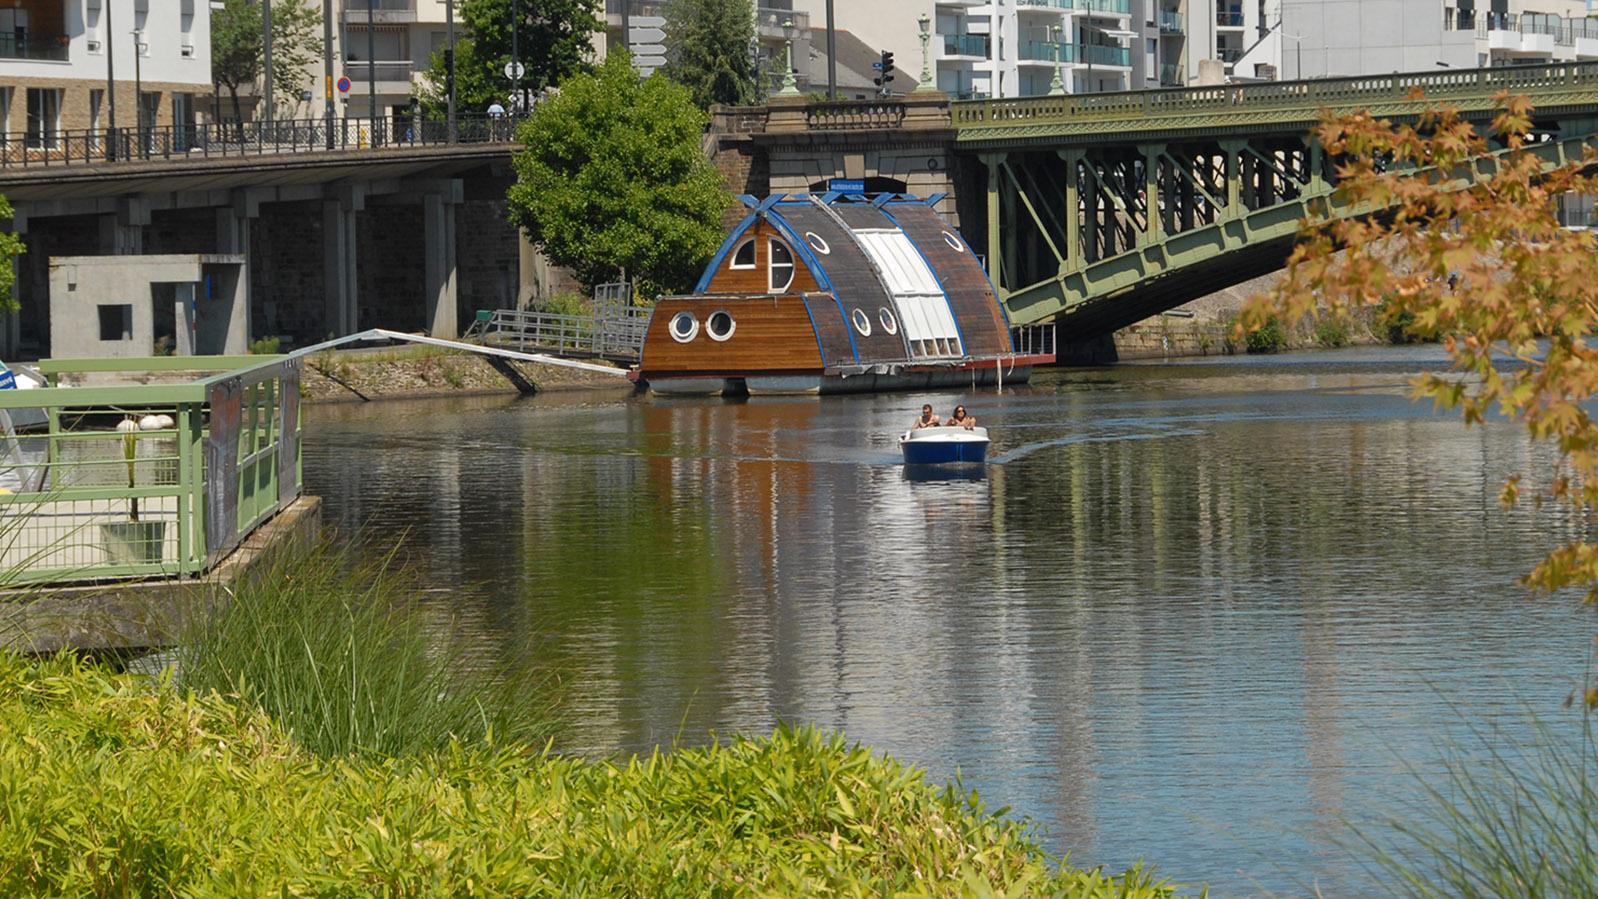 Nantes: Bootstour auf der Erddre